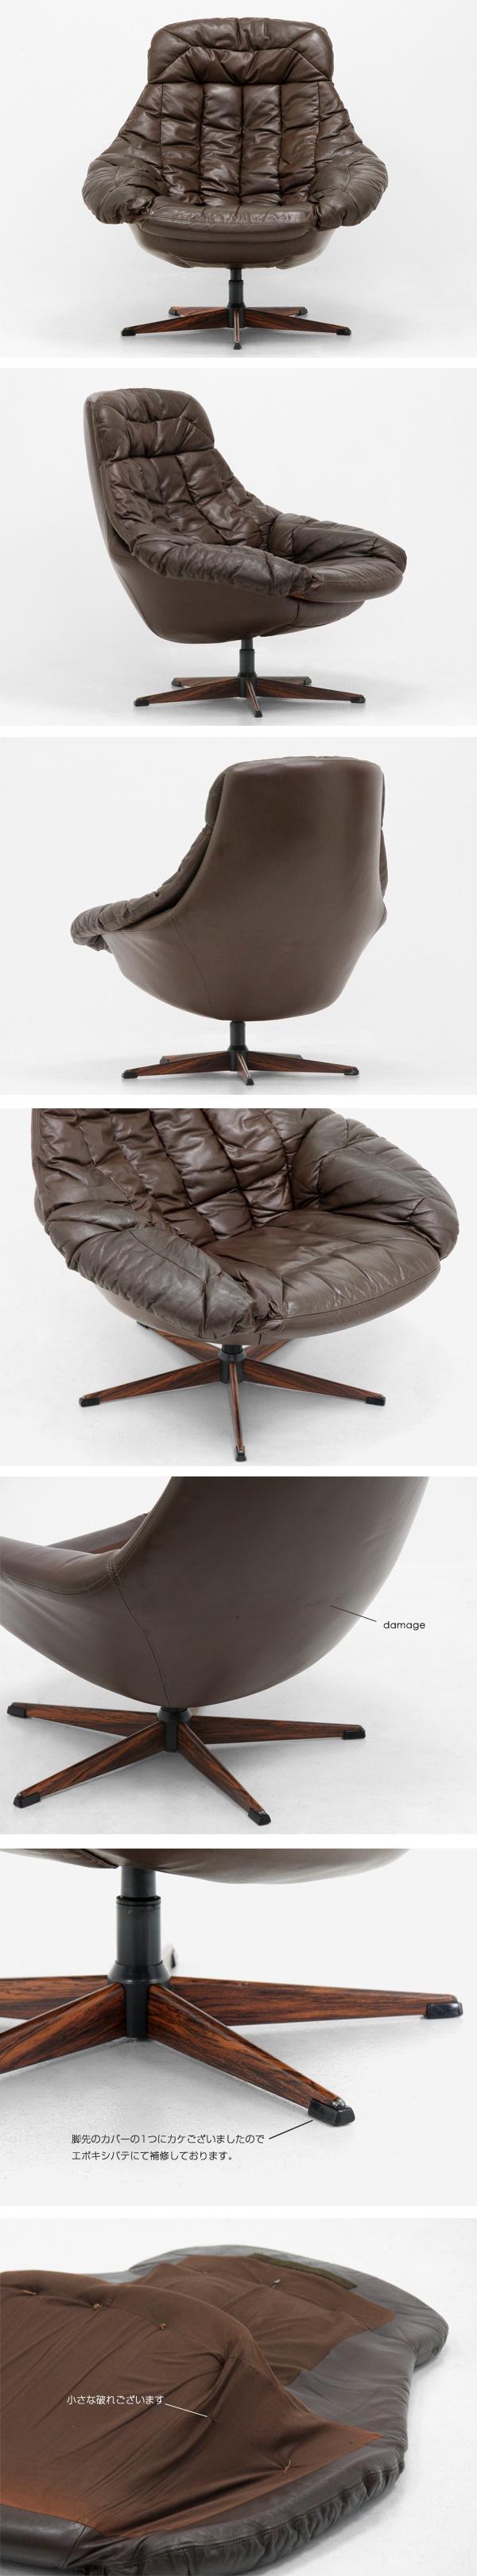 北欧家具,ビンテージ,ラウンジチェア,茶色,ソファ,H.W.Klein